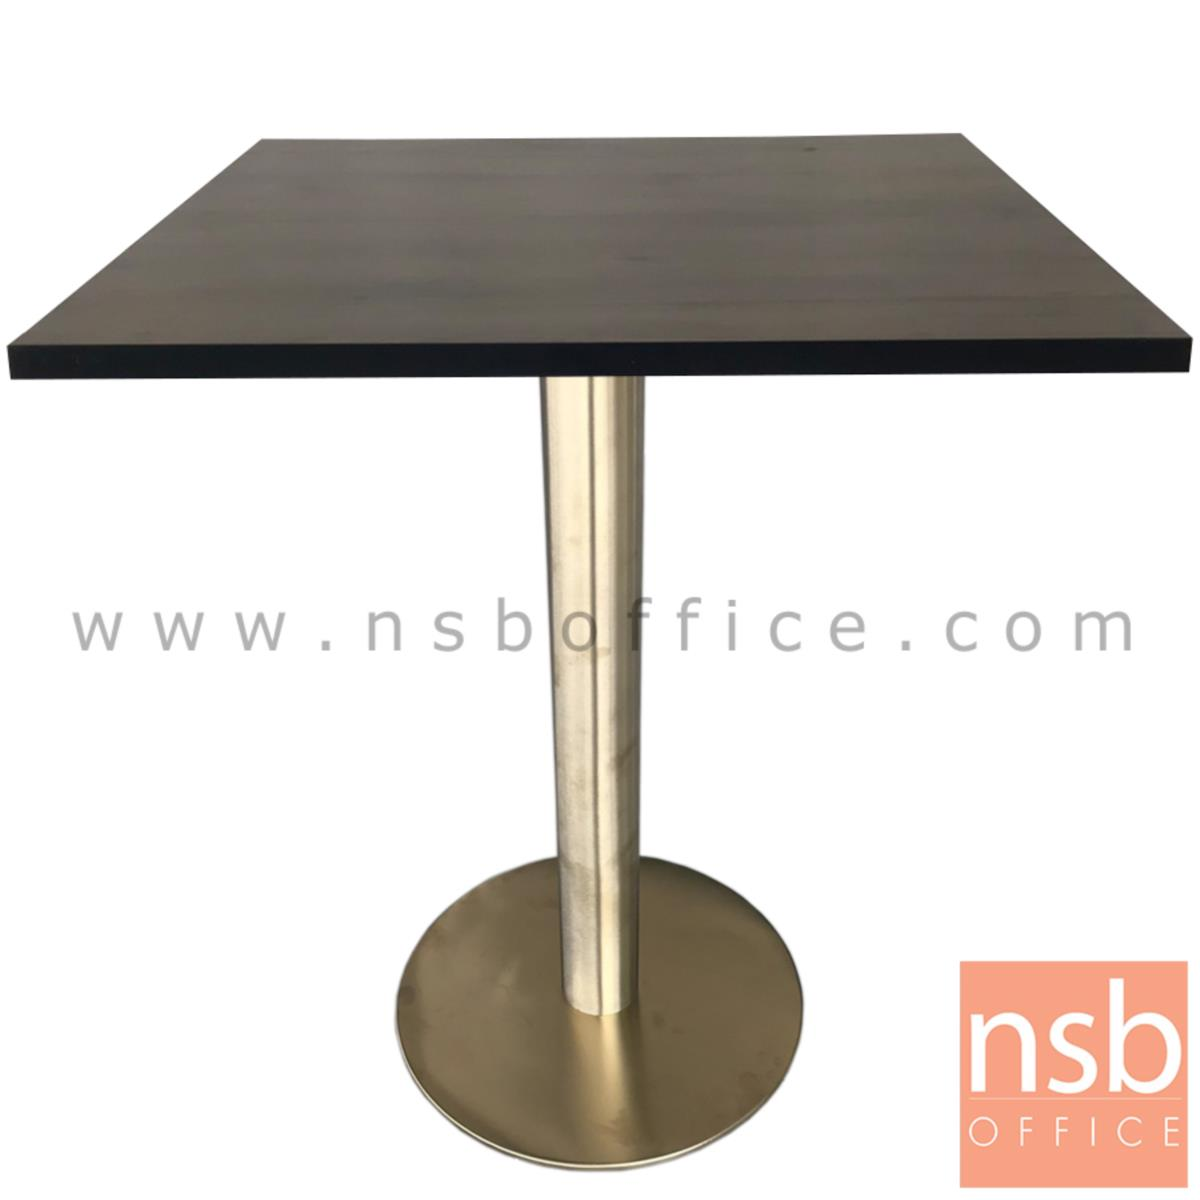 A14A244:โต๊ะบาร์ COFFEE  รุ่น Matilda (มาทิลด้า) โครงขาสีทอง